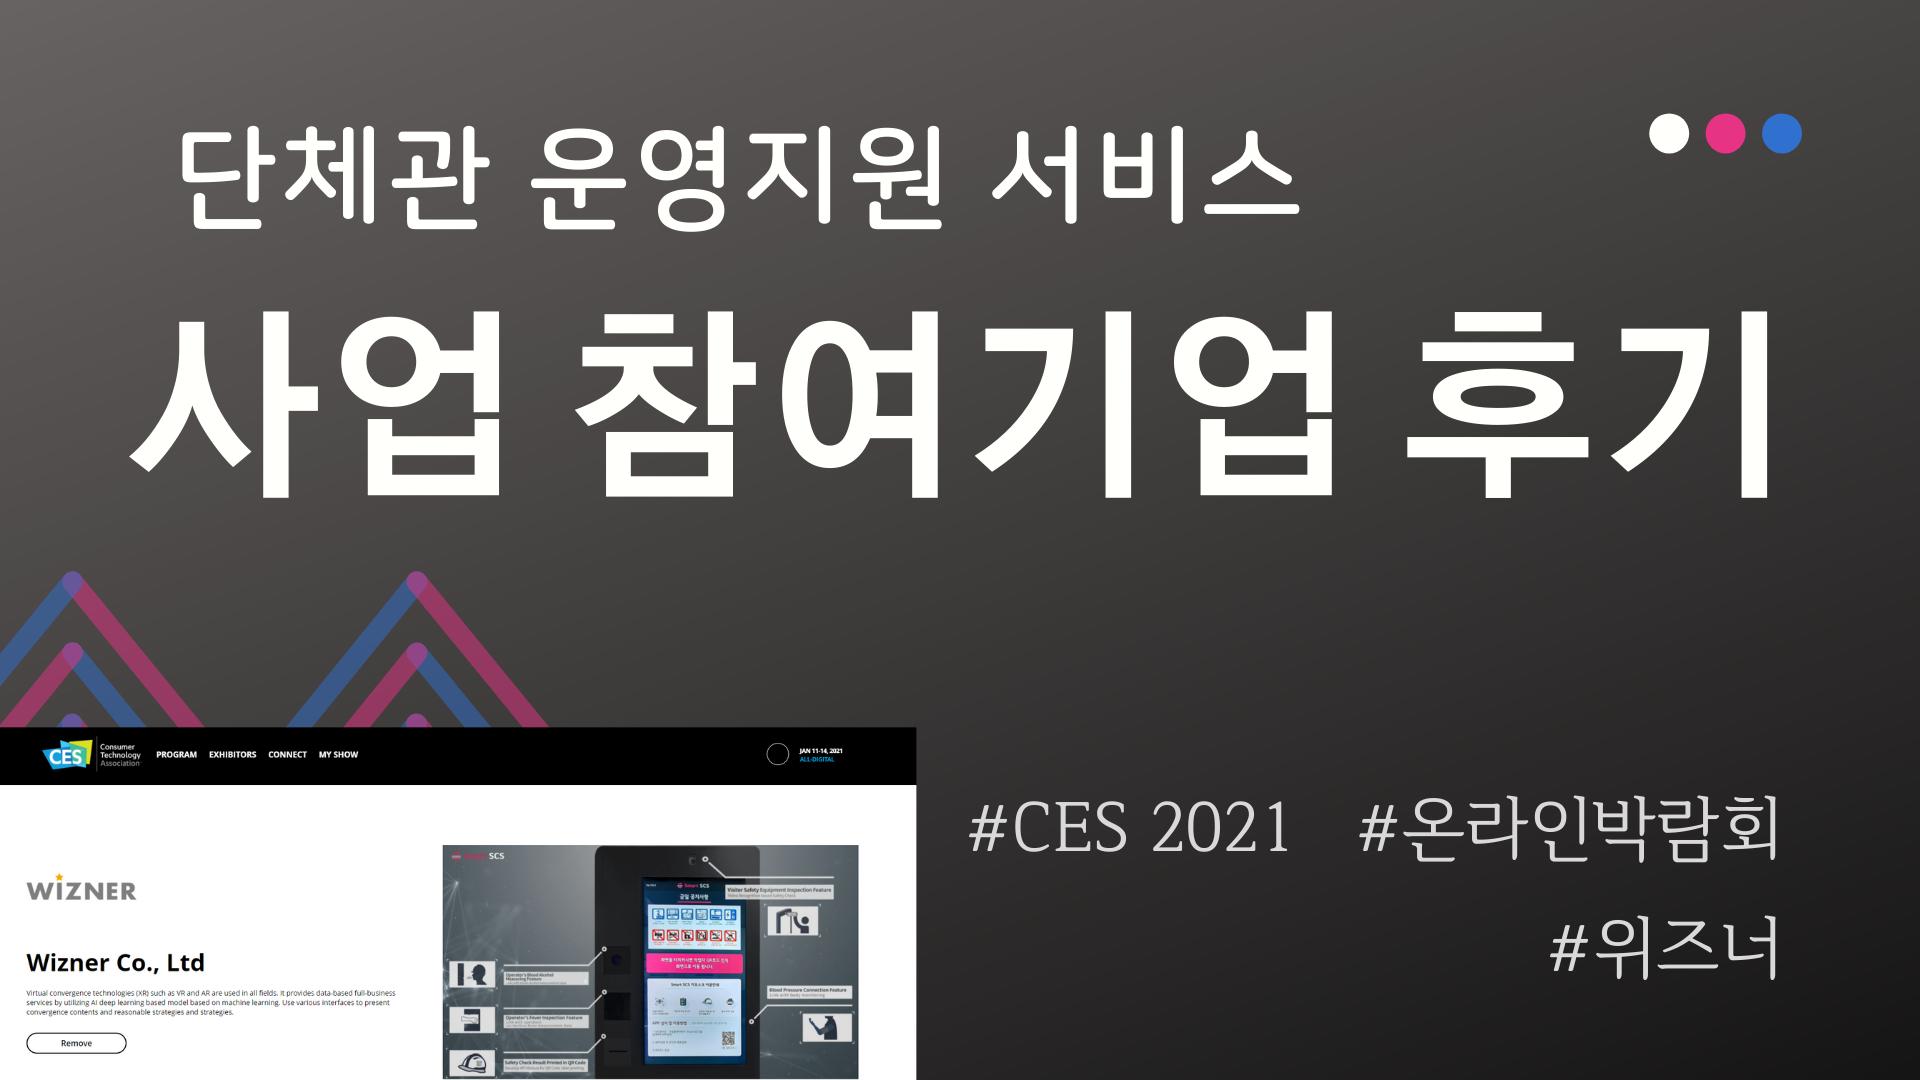 [박람회 참가 후기 / 단체관 운영지원 서비스] CES 2021 All digital - 위즈너